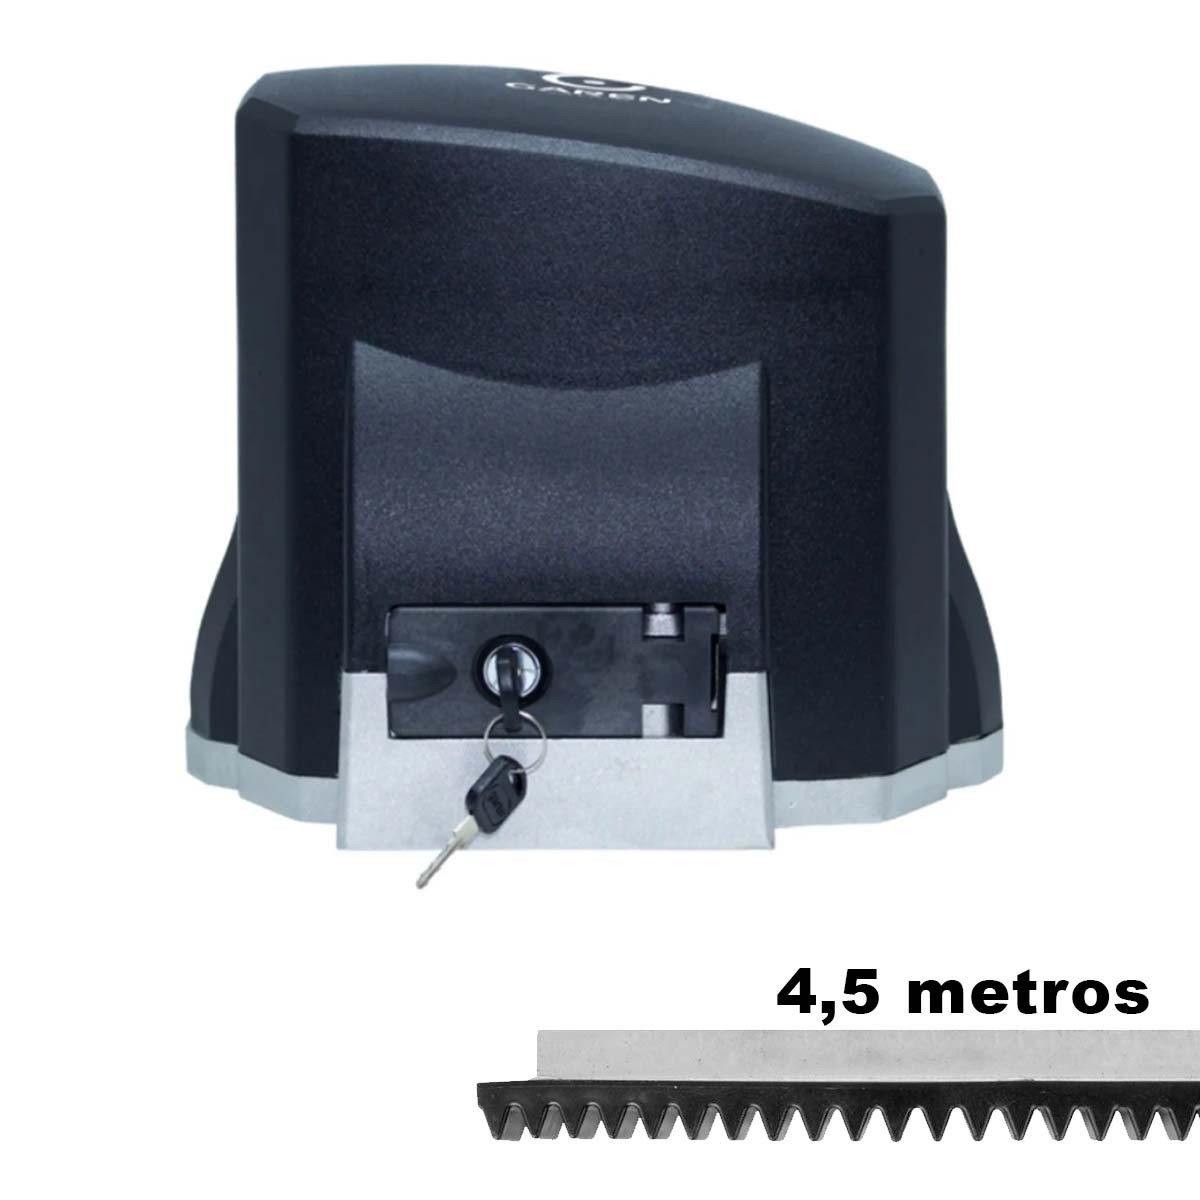 MOTOR DESLIZANTE GAREN 1/3 SPEED 110V + 4,5 METROS CREMALHEIRA